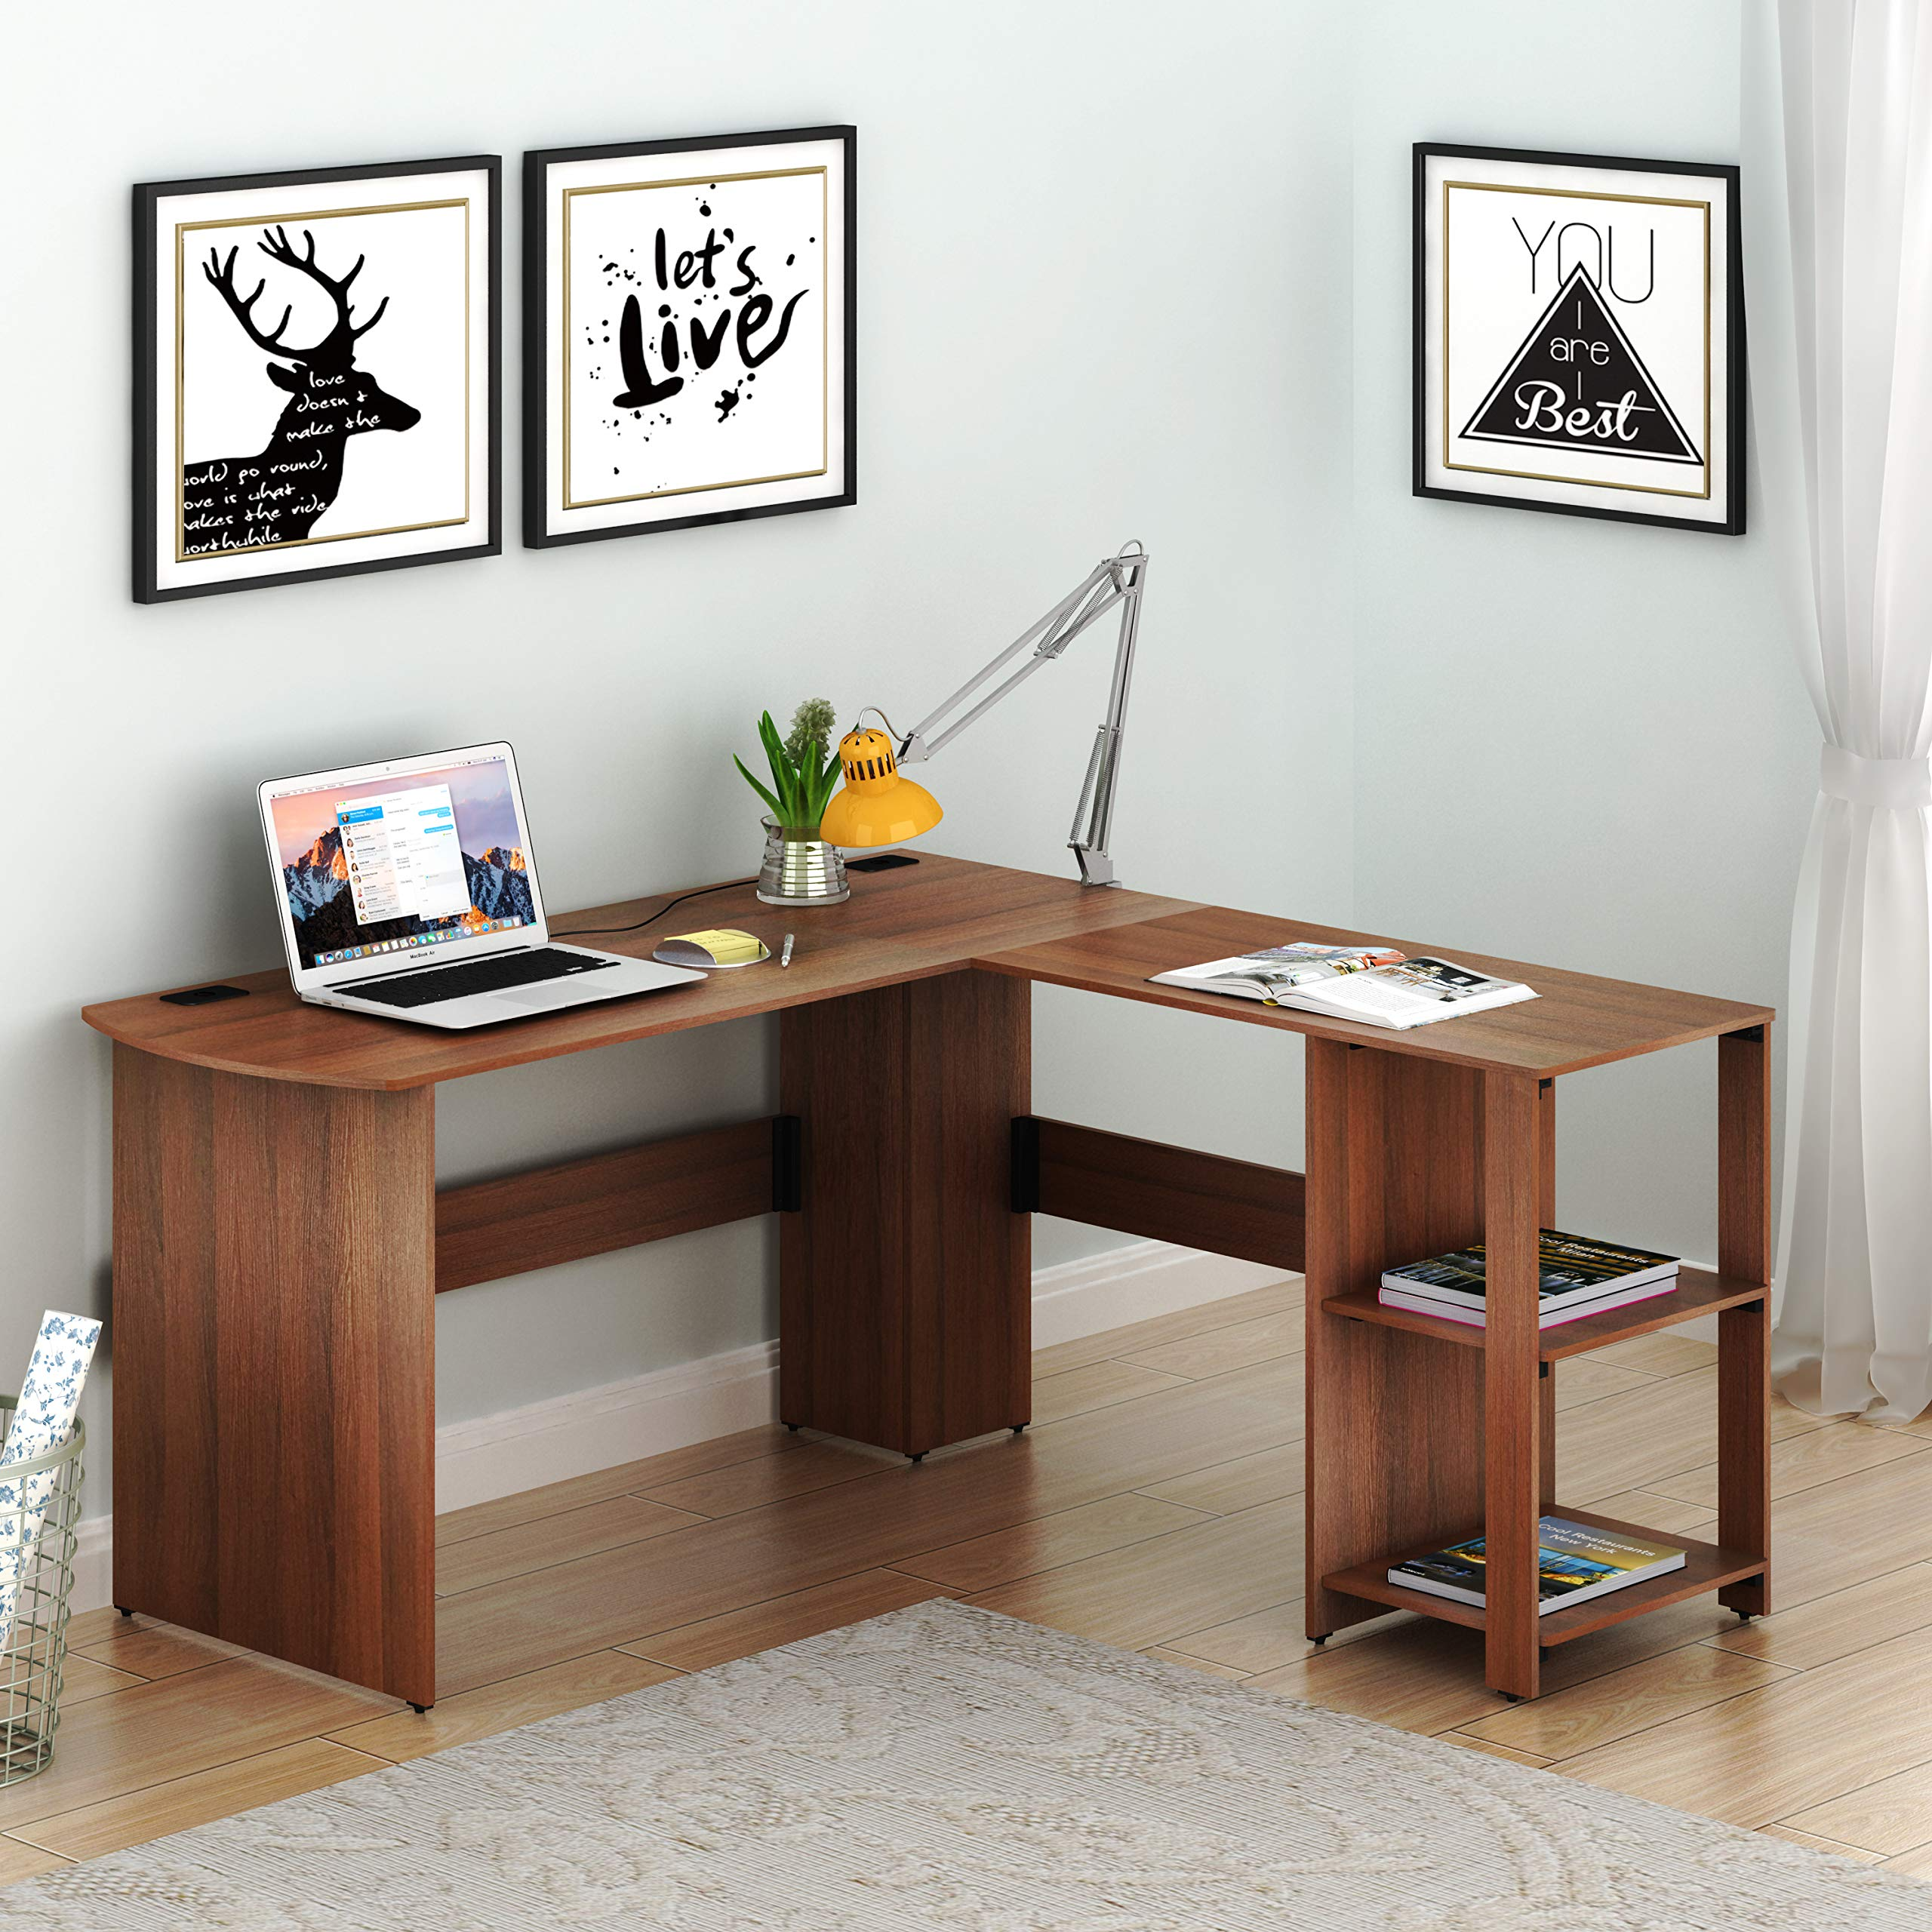 SHW L-Shaped Home Office Corner Desk Wood Top, Walnut by SHW